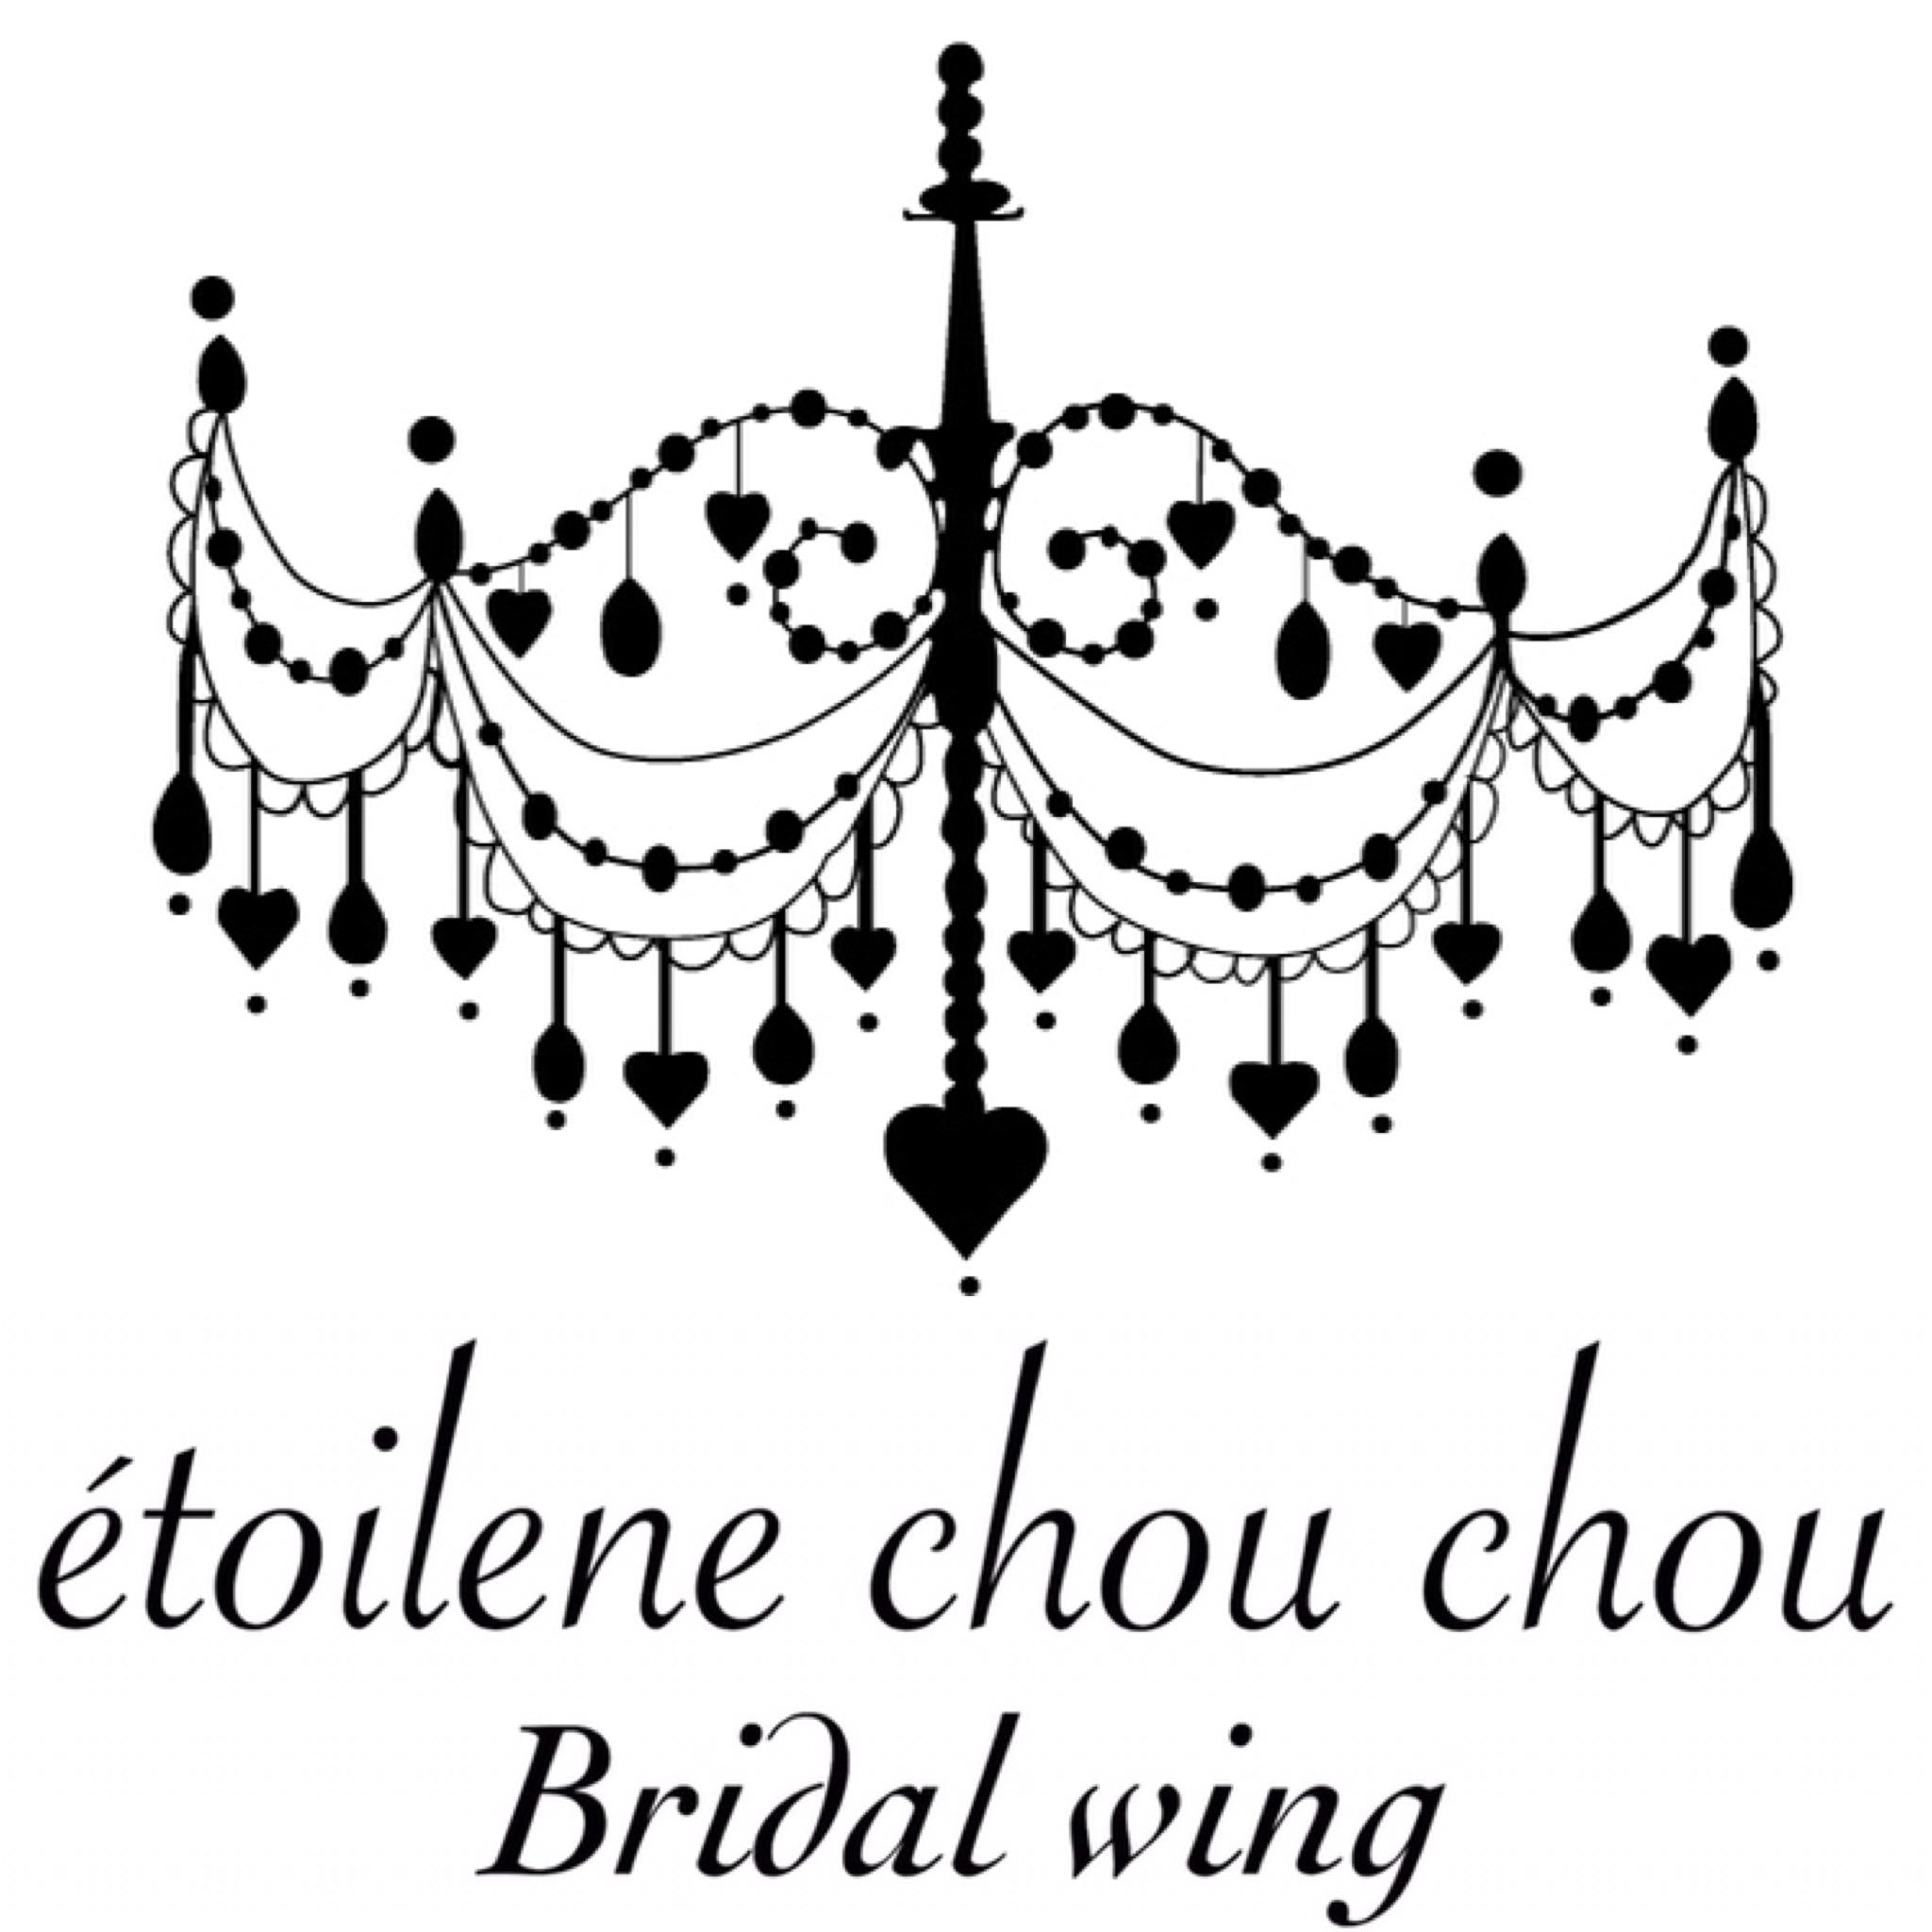 ブライダルアクセサリー/ブライダル/パーティー/結婚式|エトワレーヌシュシュ